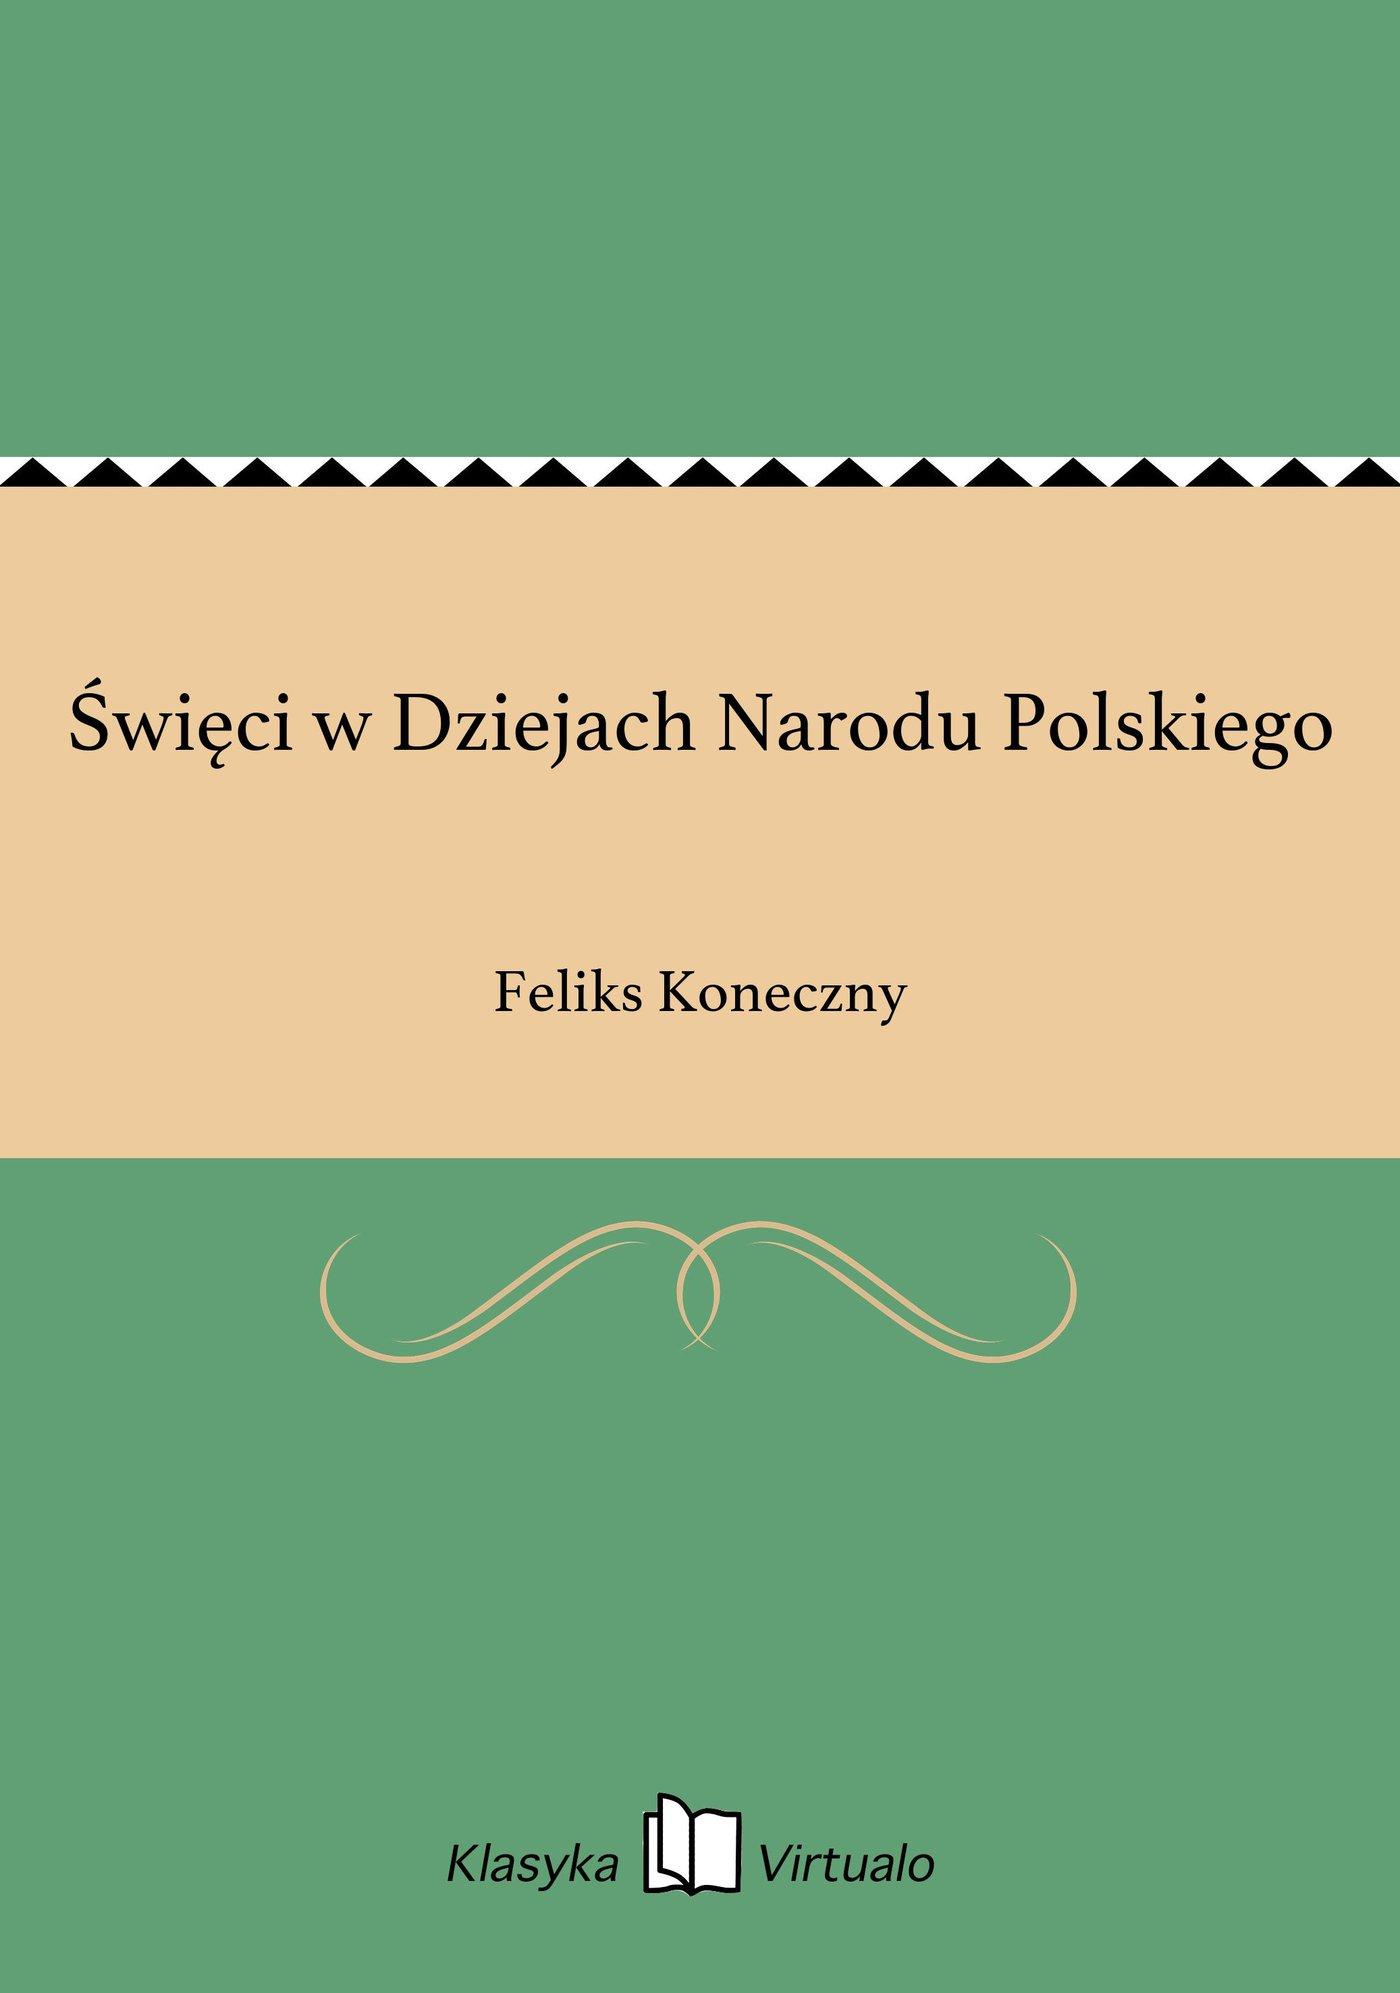 Święci w Dziejach Narodu Polskiego - Ebook (Książka EPUB) do pobrania w formacie EPUB